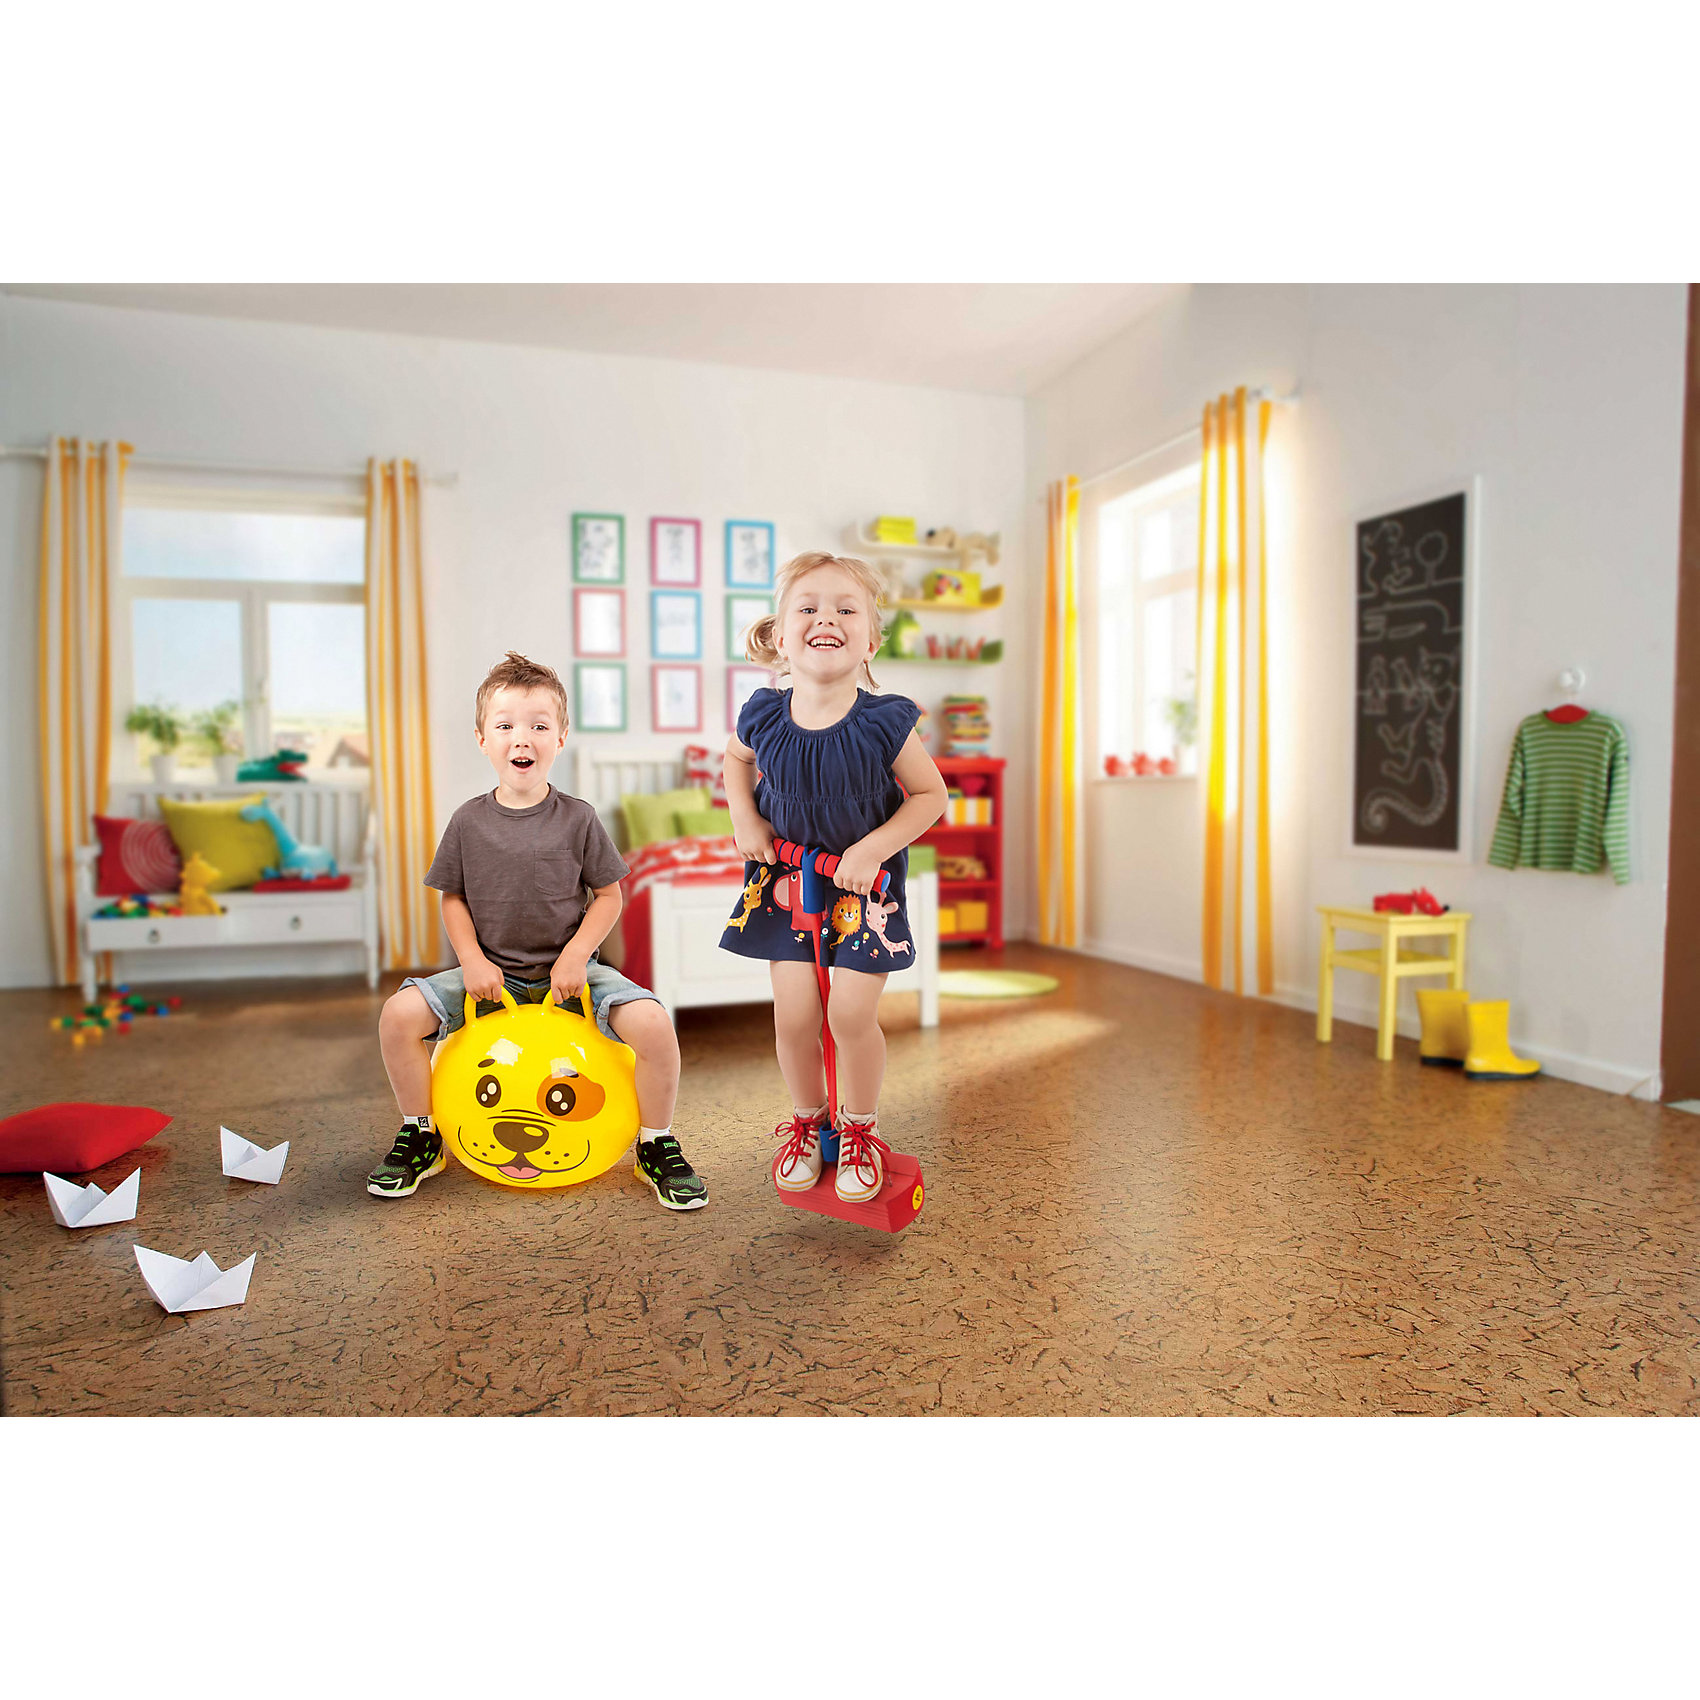 Тренажер для прыжков Moby-Jumper со звуком, оранжевый Тренажер для прыжков Moby-Jumper со звуком, по цене 799